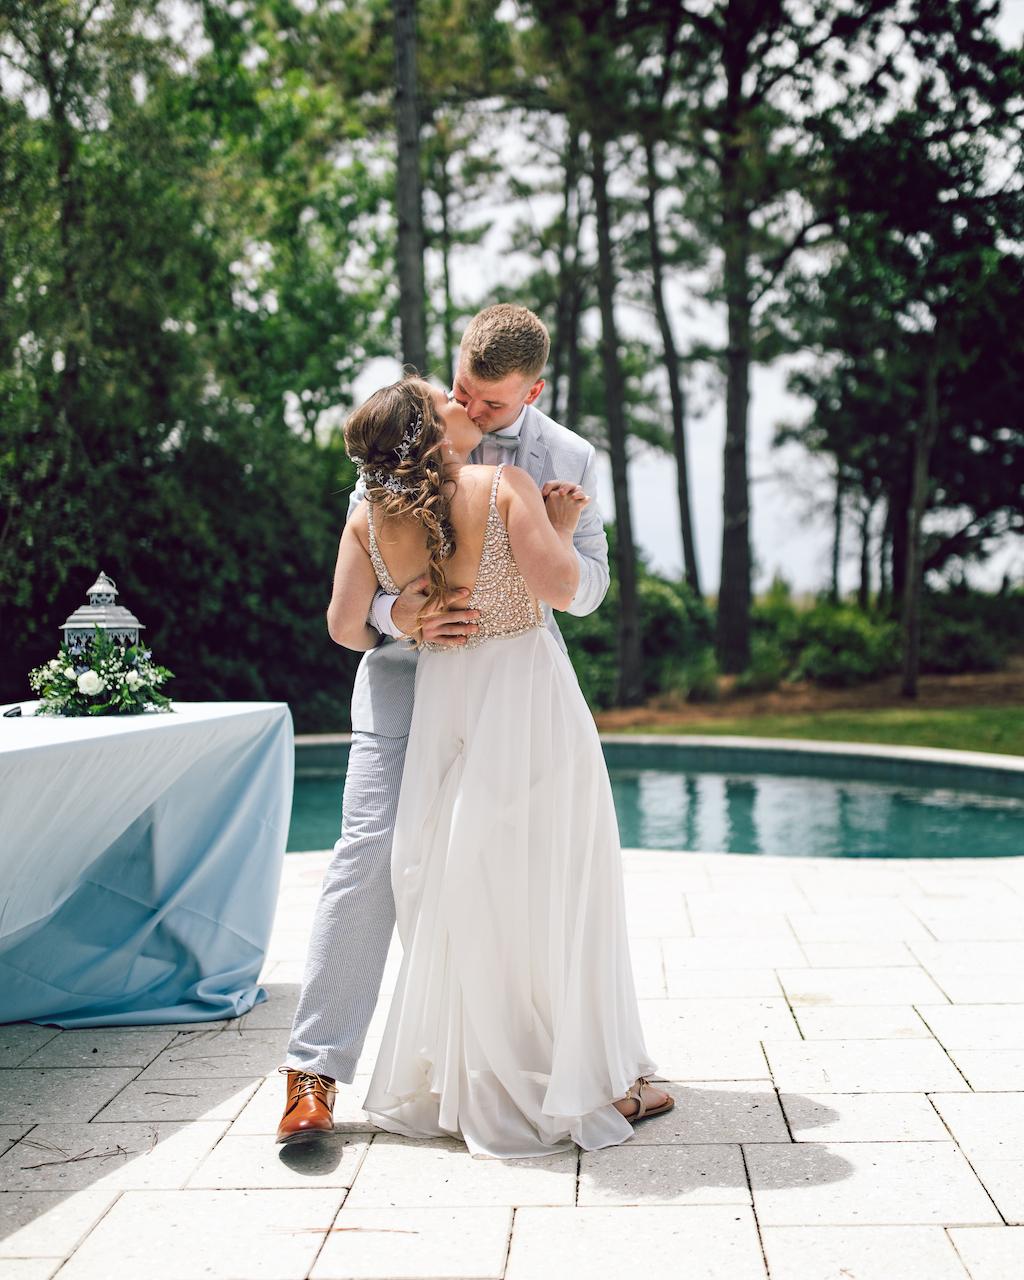 hilton-head-island-wedding-sc-reception251.jpg